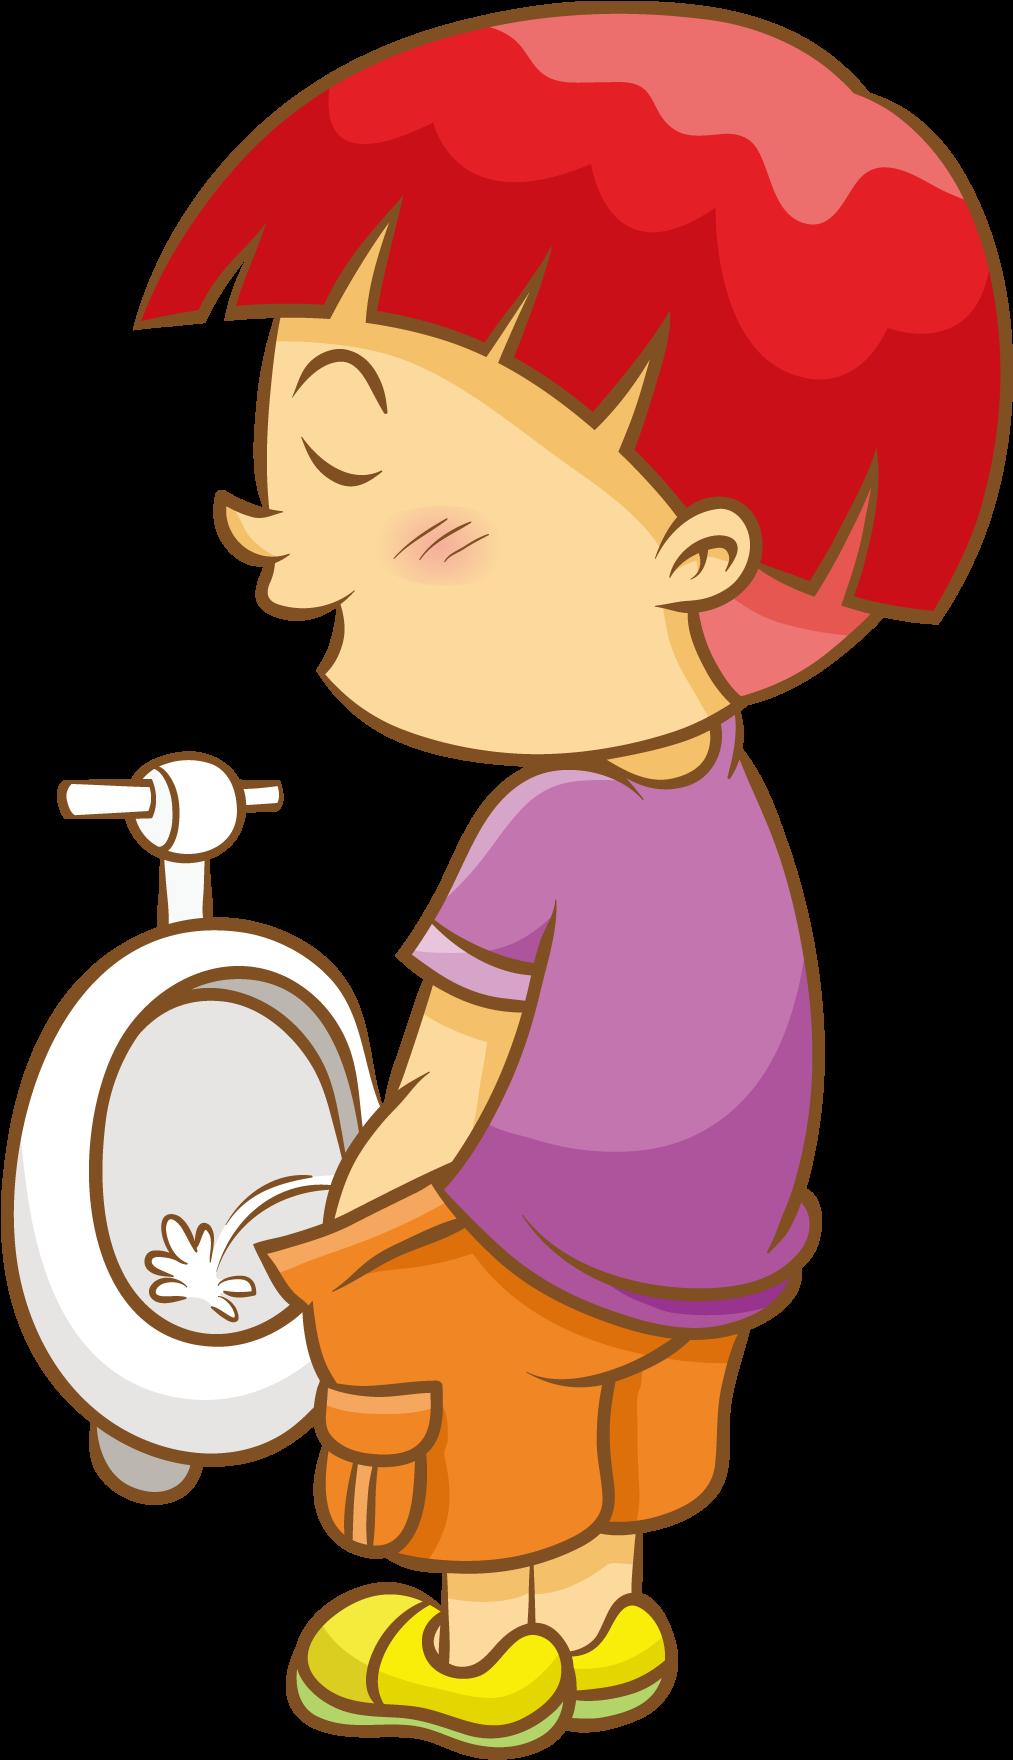 Мальчик девочка картинки для туалета